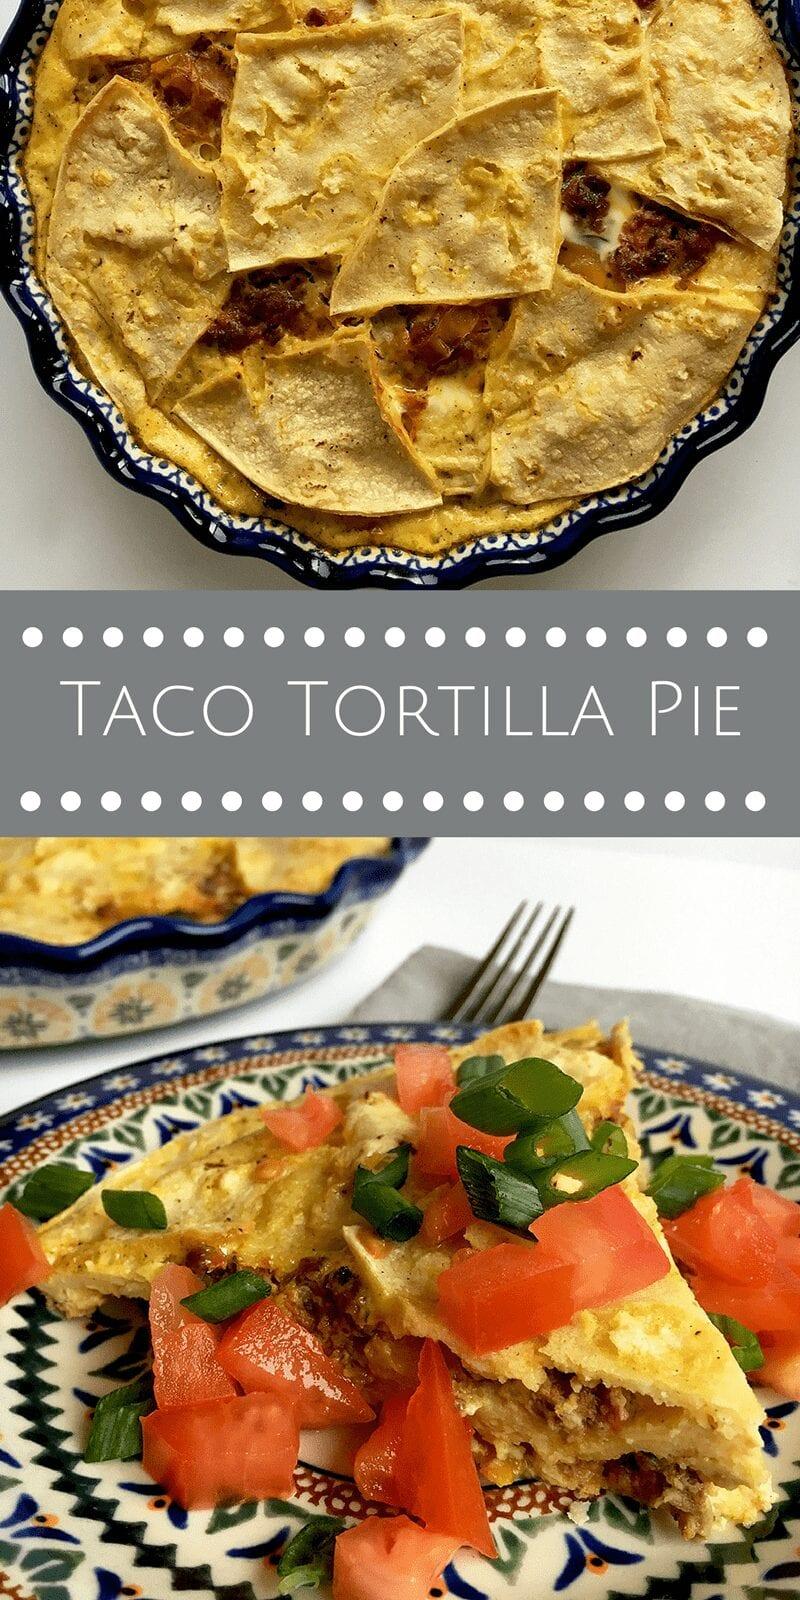 taco tortilla pie